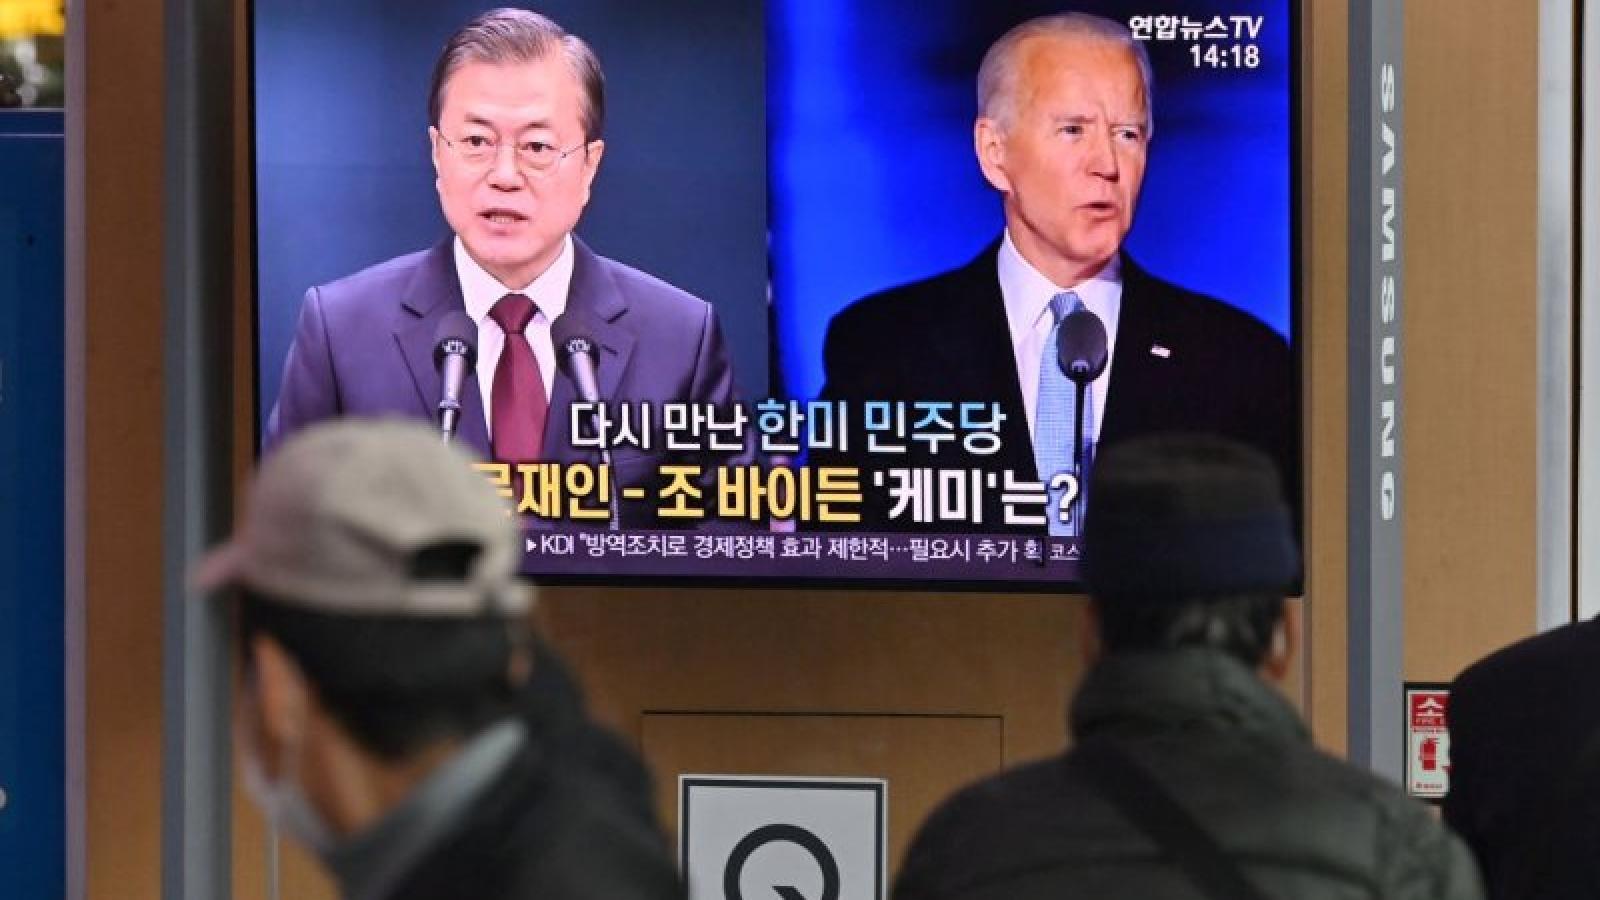 Hội nghị thượng đỉnh Mỹ - Hàn: Phép thử quan hệ đồng minh